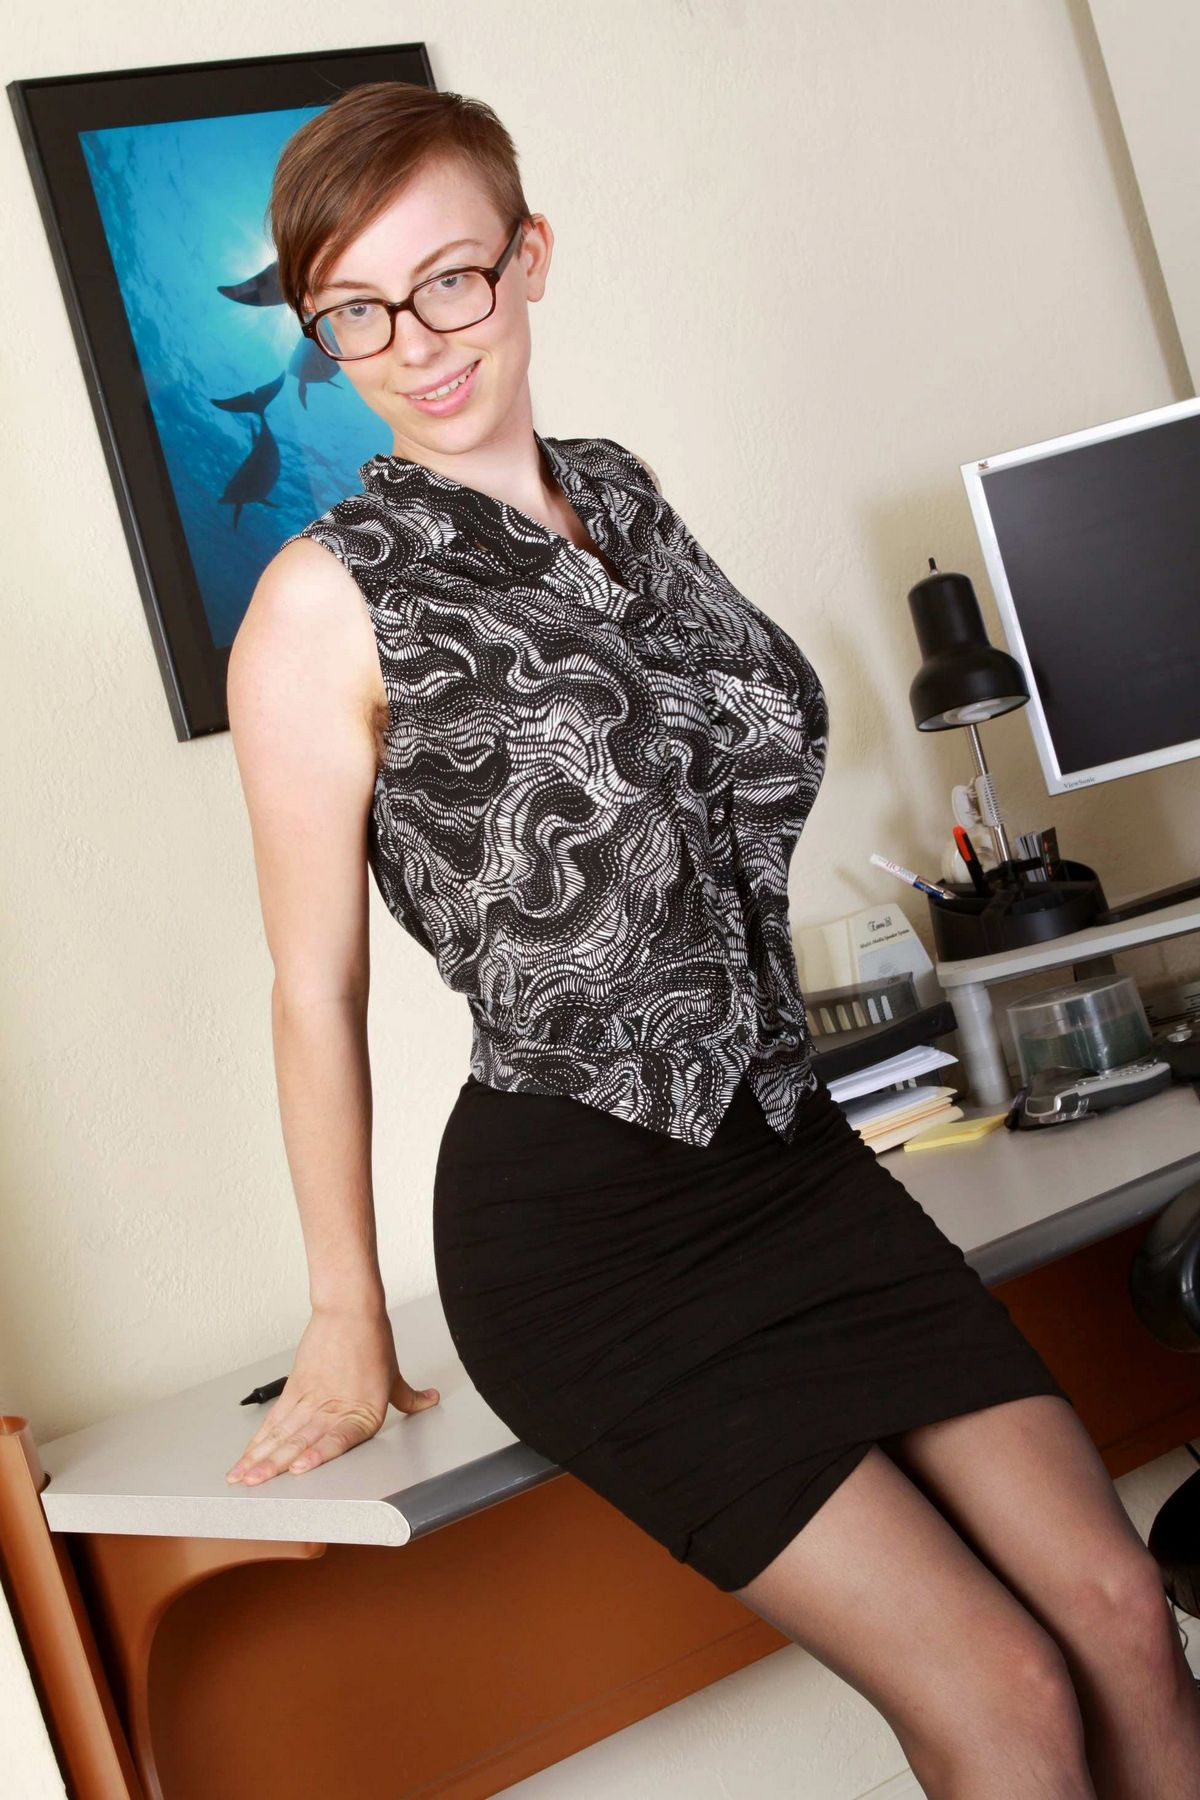 Представительницы слабого пола с короткими волосами - коллекция 003. Порно слабый.